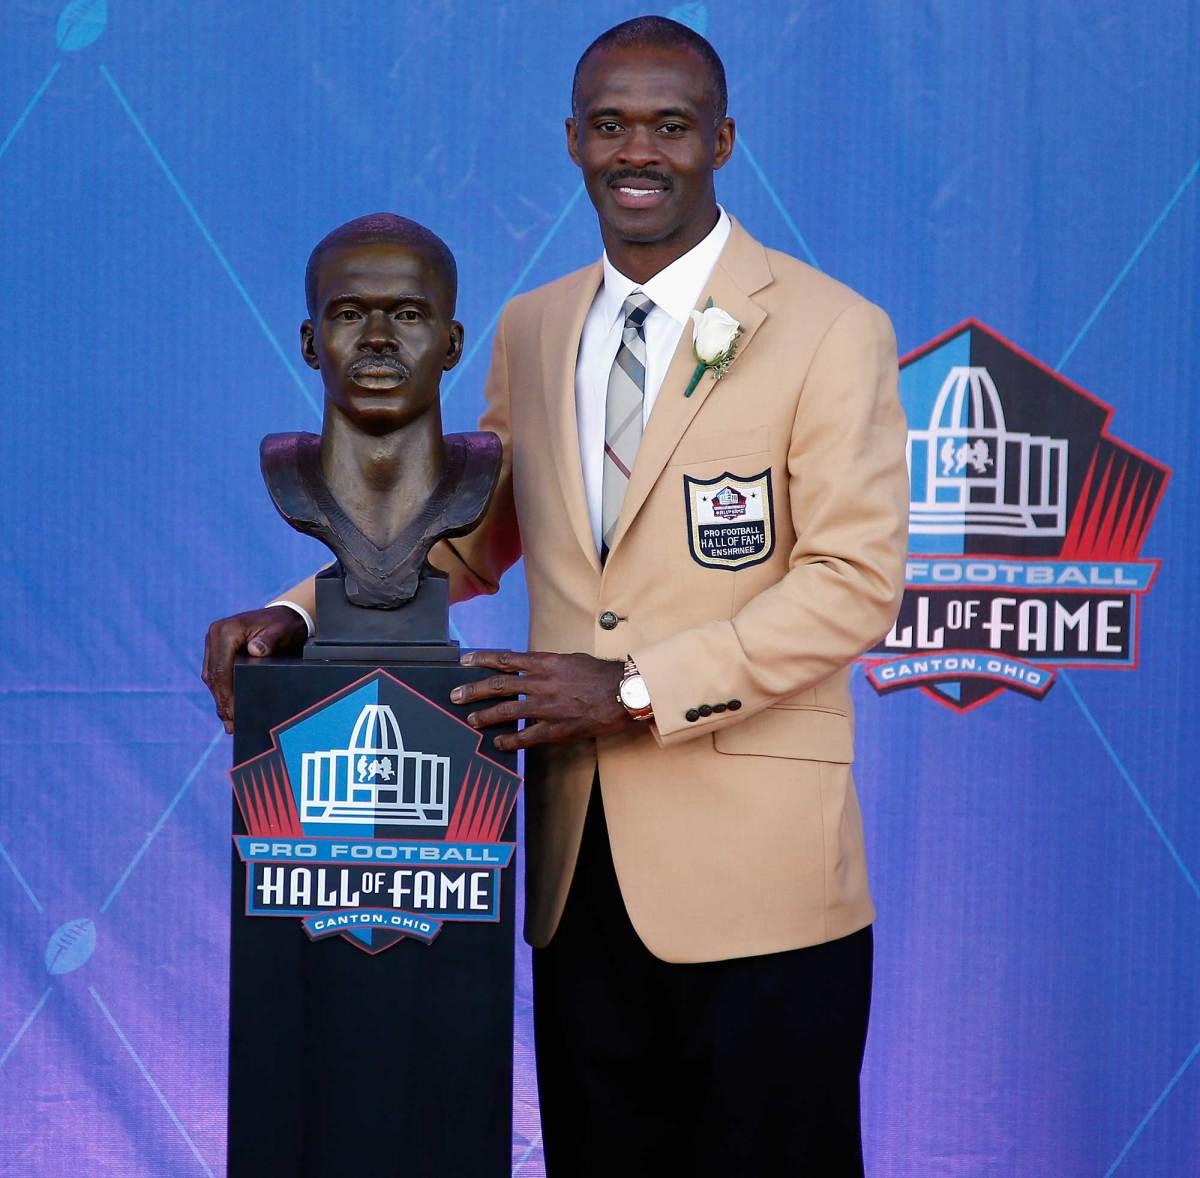 Marvin-Harrison-Hall-of-fame-bust.jpg